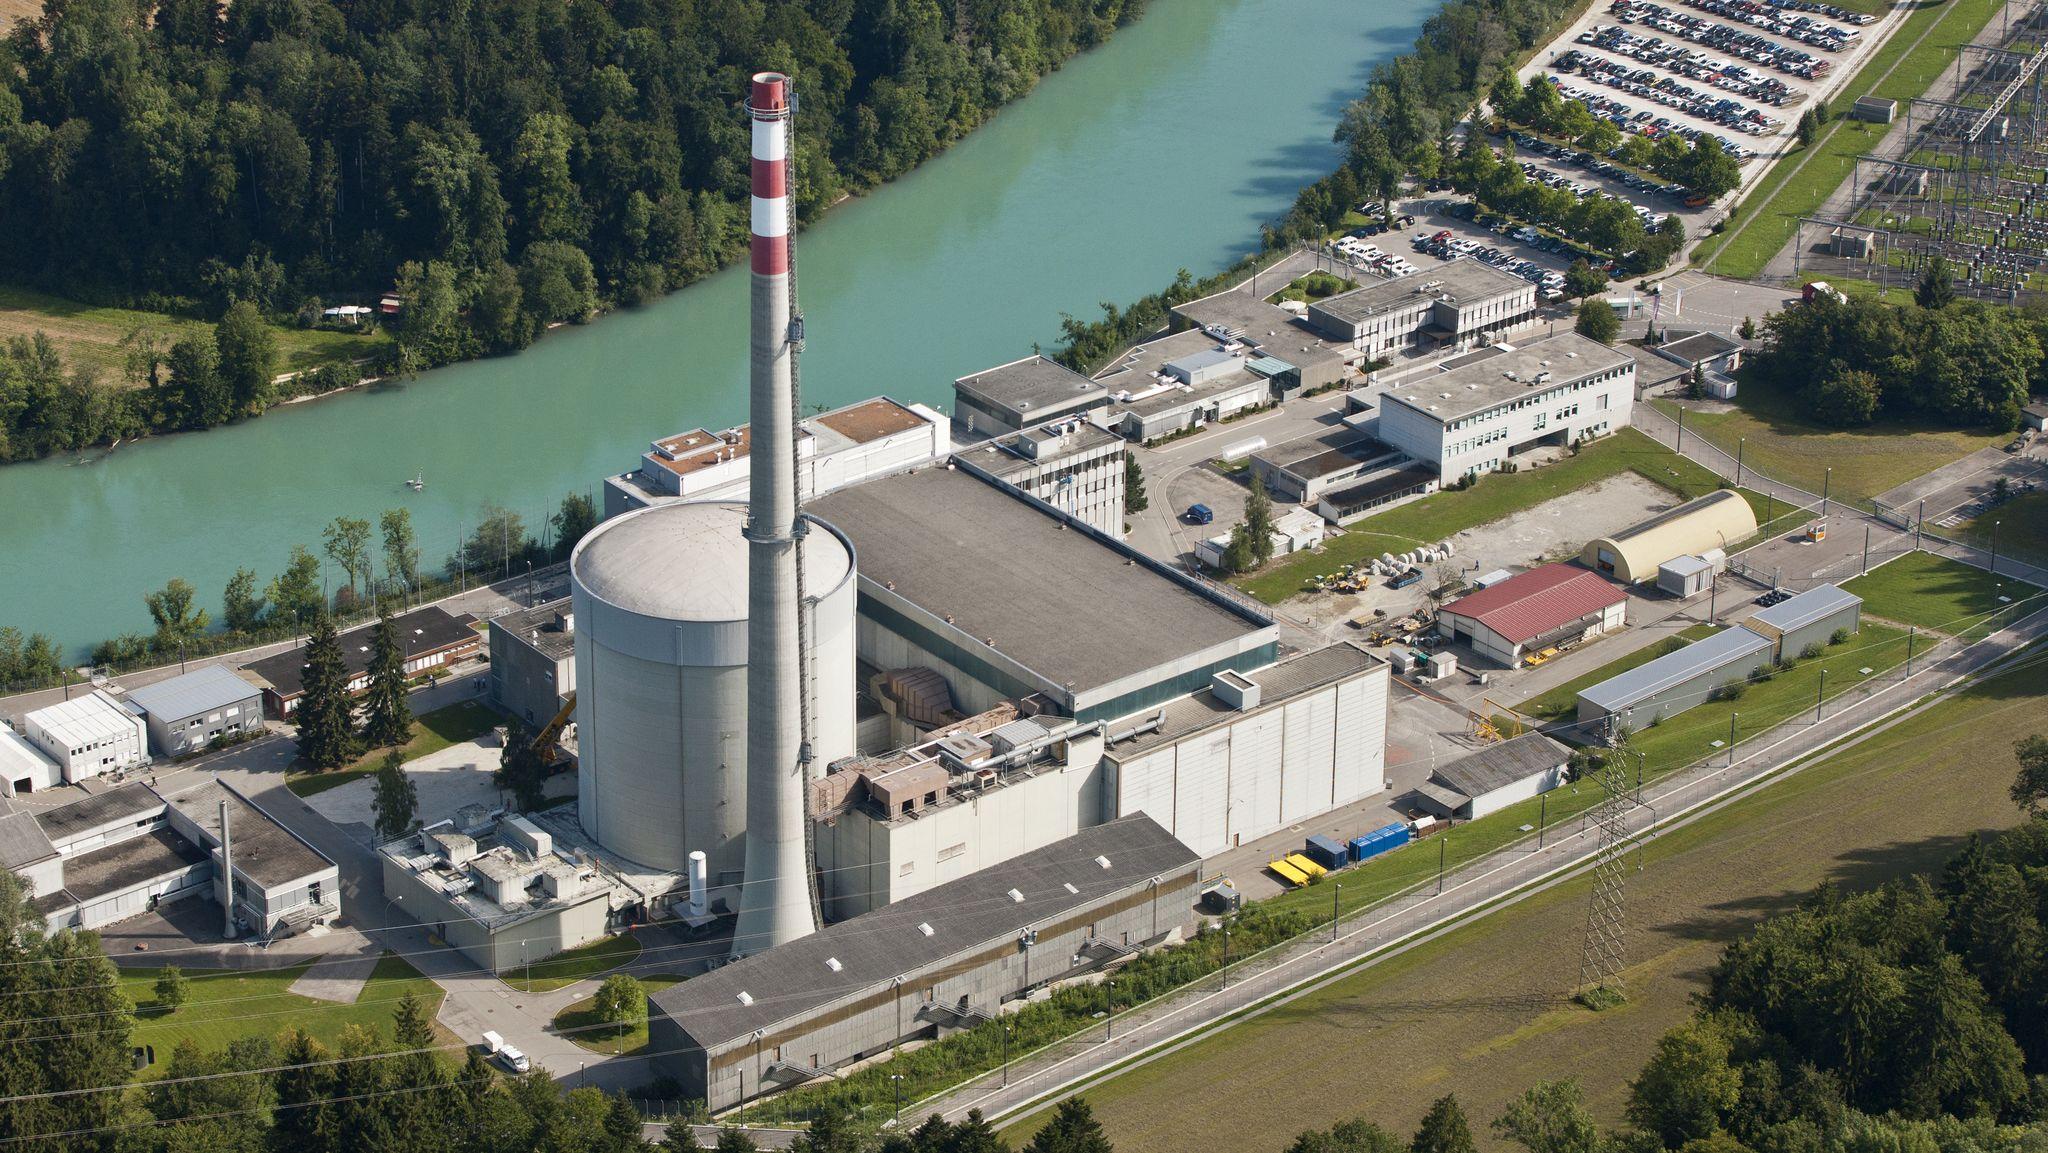 Das Kernkraftwerk Mühleberg bei Bern wird heute abgeschaltet.